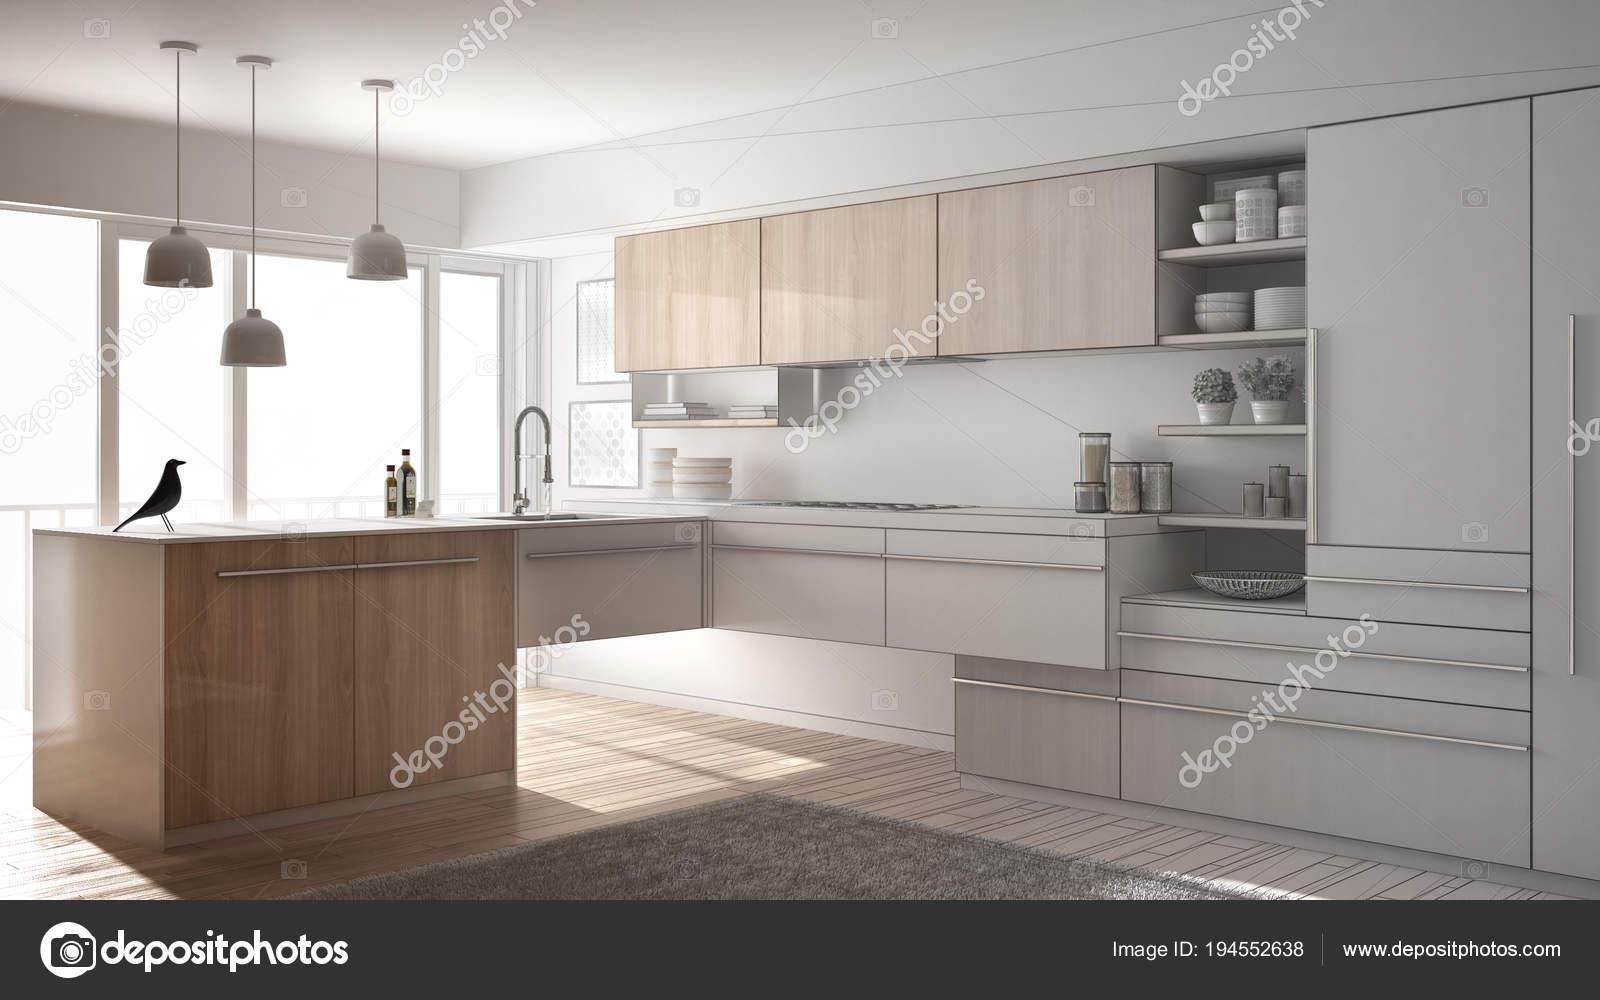 Tapijt Voor Keuken : Onvoltooide project van moderne minimalistische keuken met